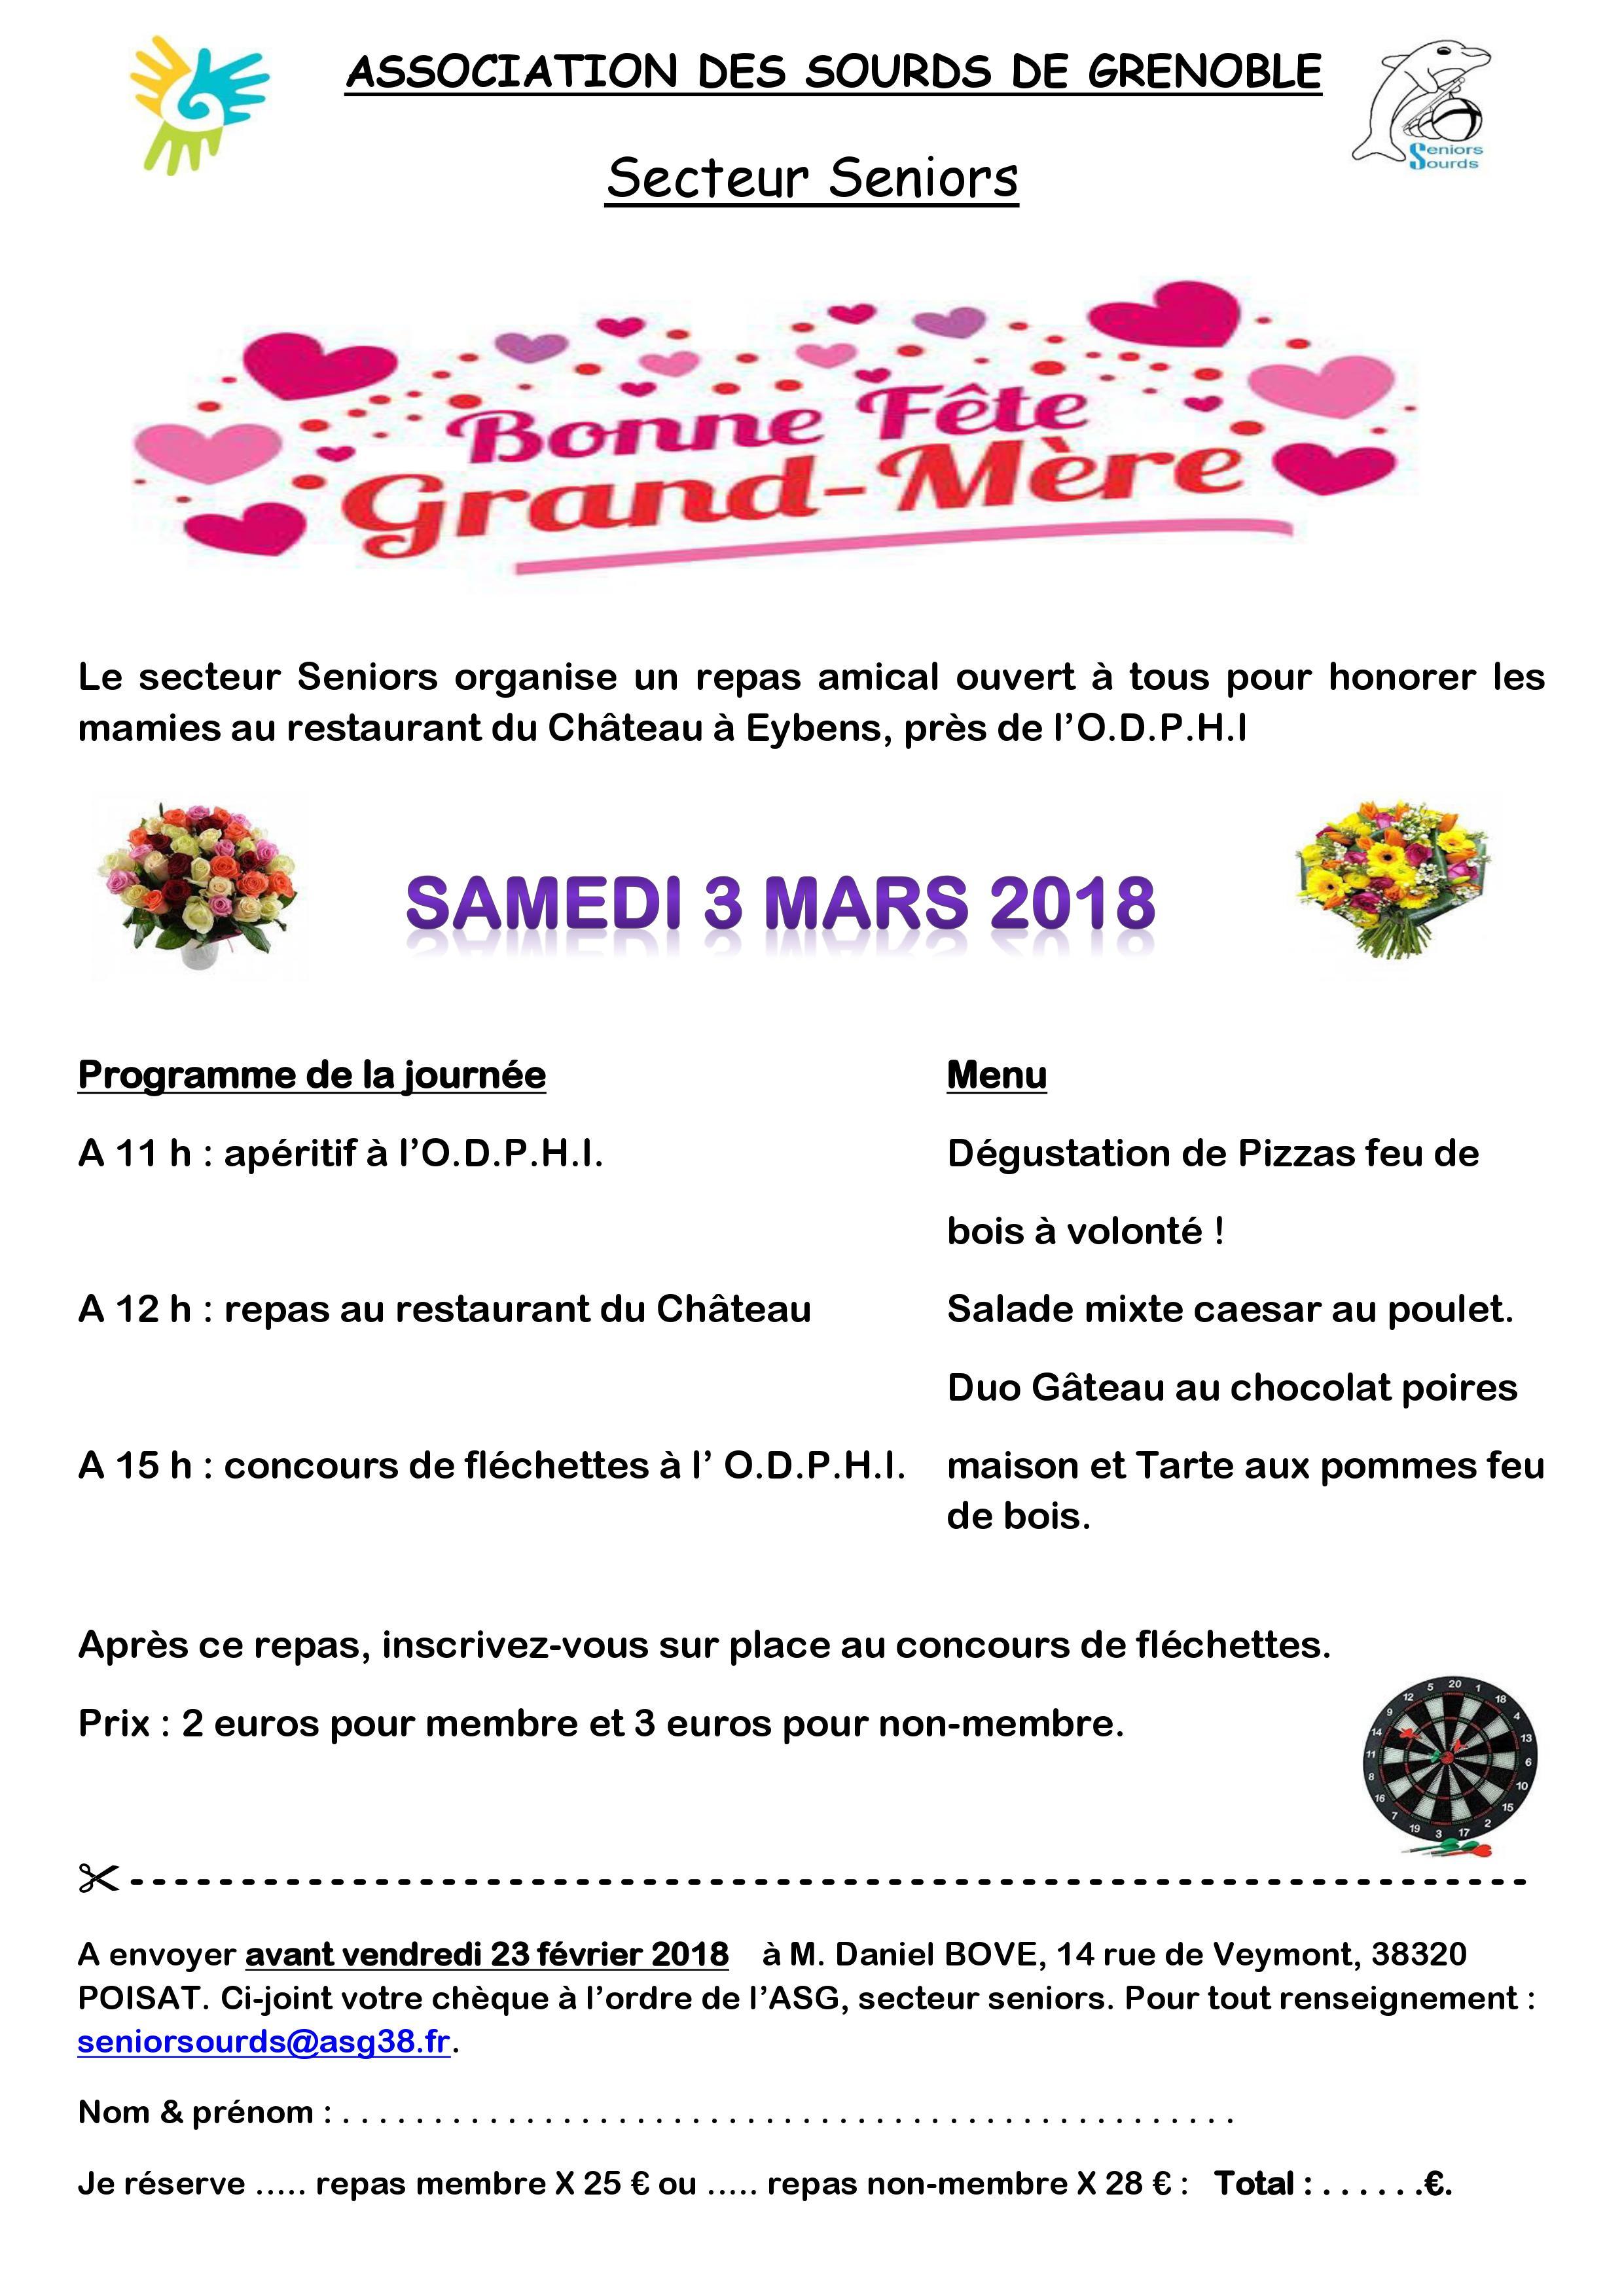 Programme du 3 mars 2018